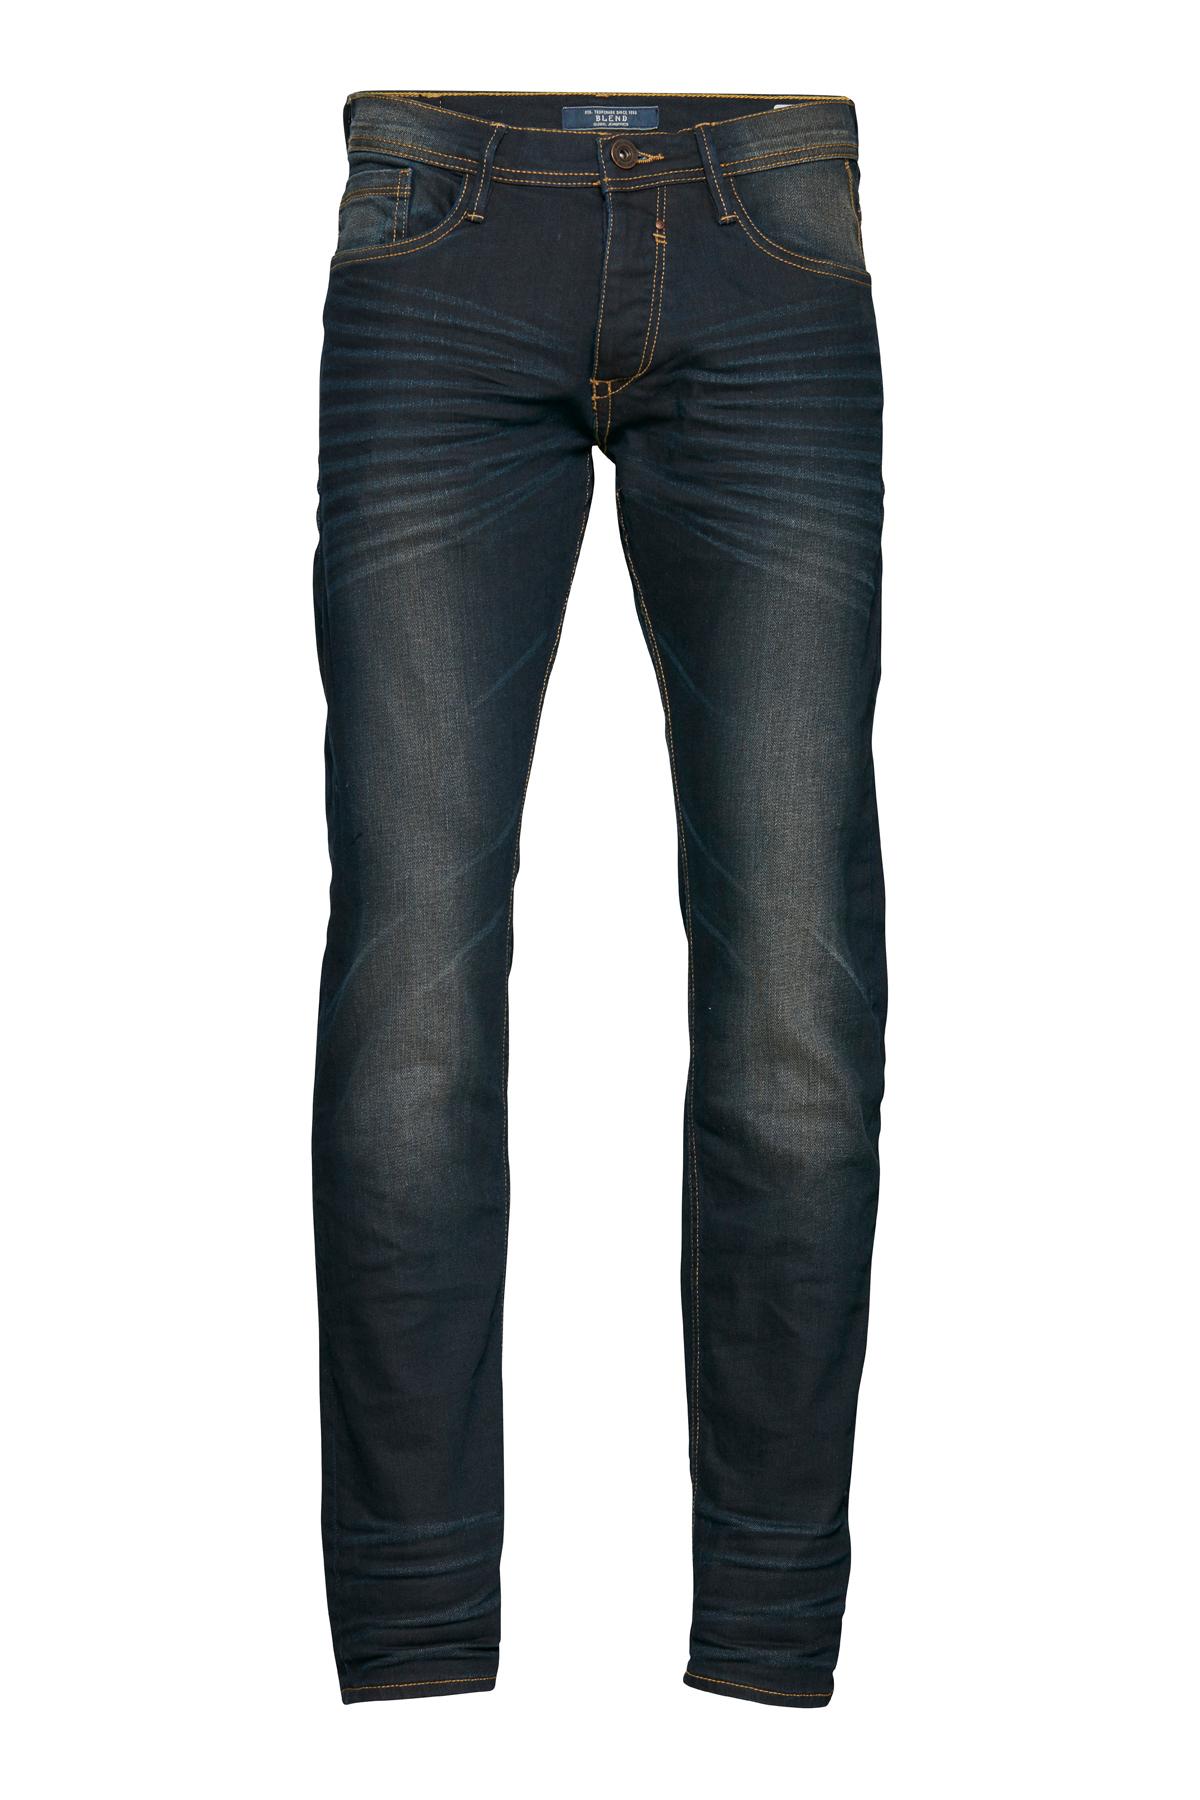 Image of Blend He Herre Jeans - Denimblå